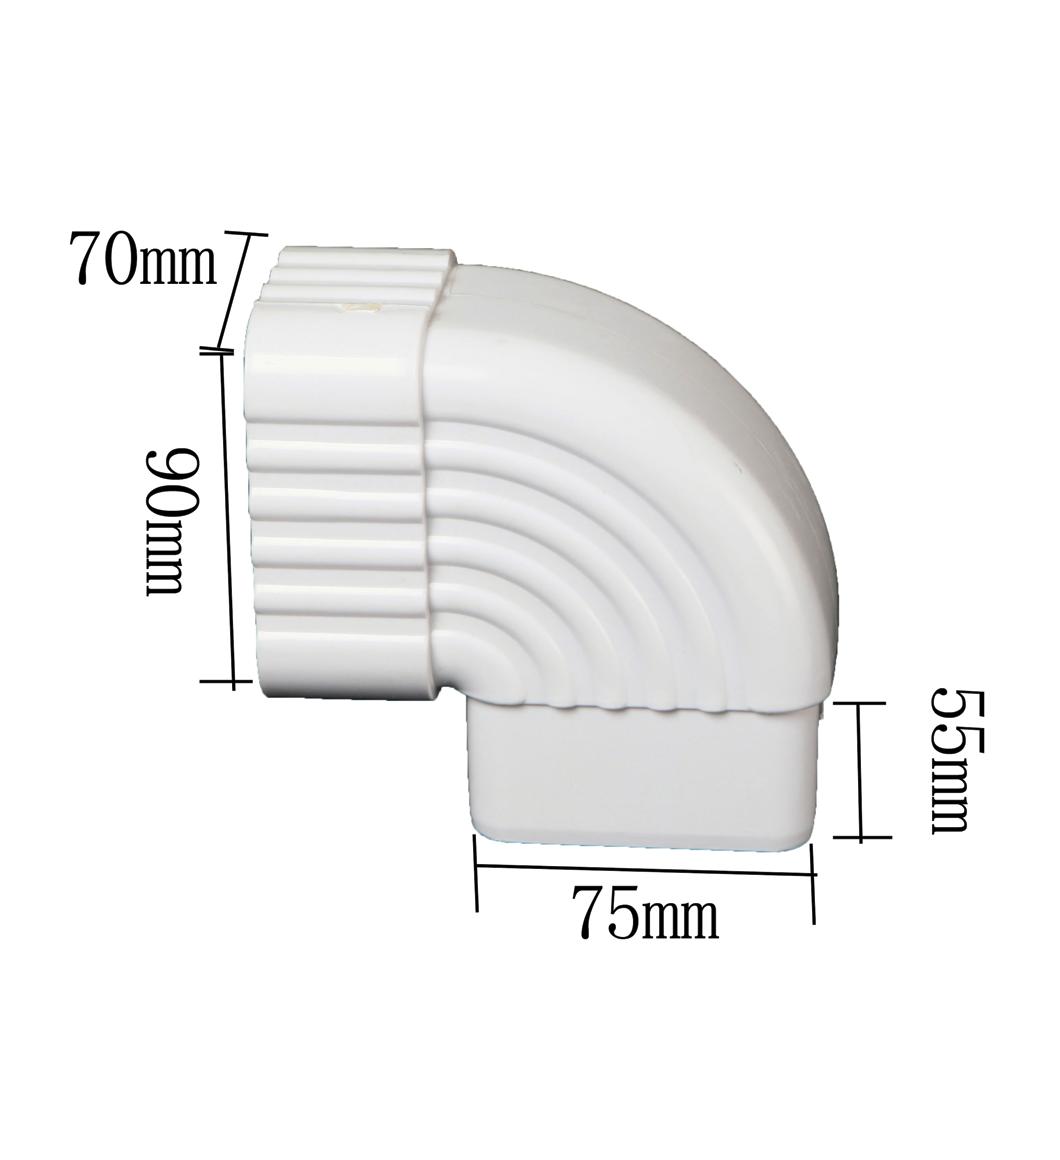 PVC 90 degree Square Diverter